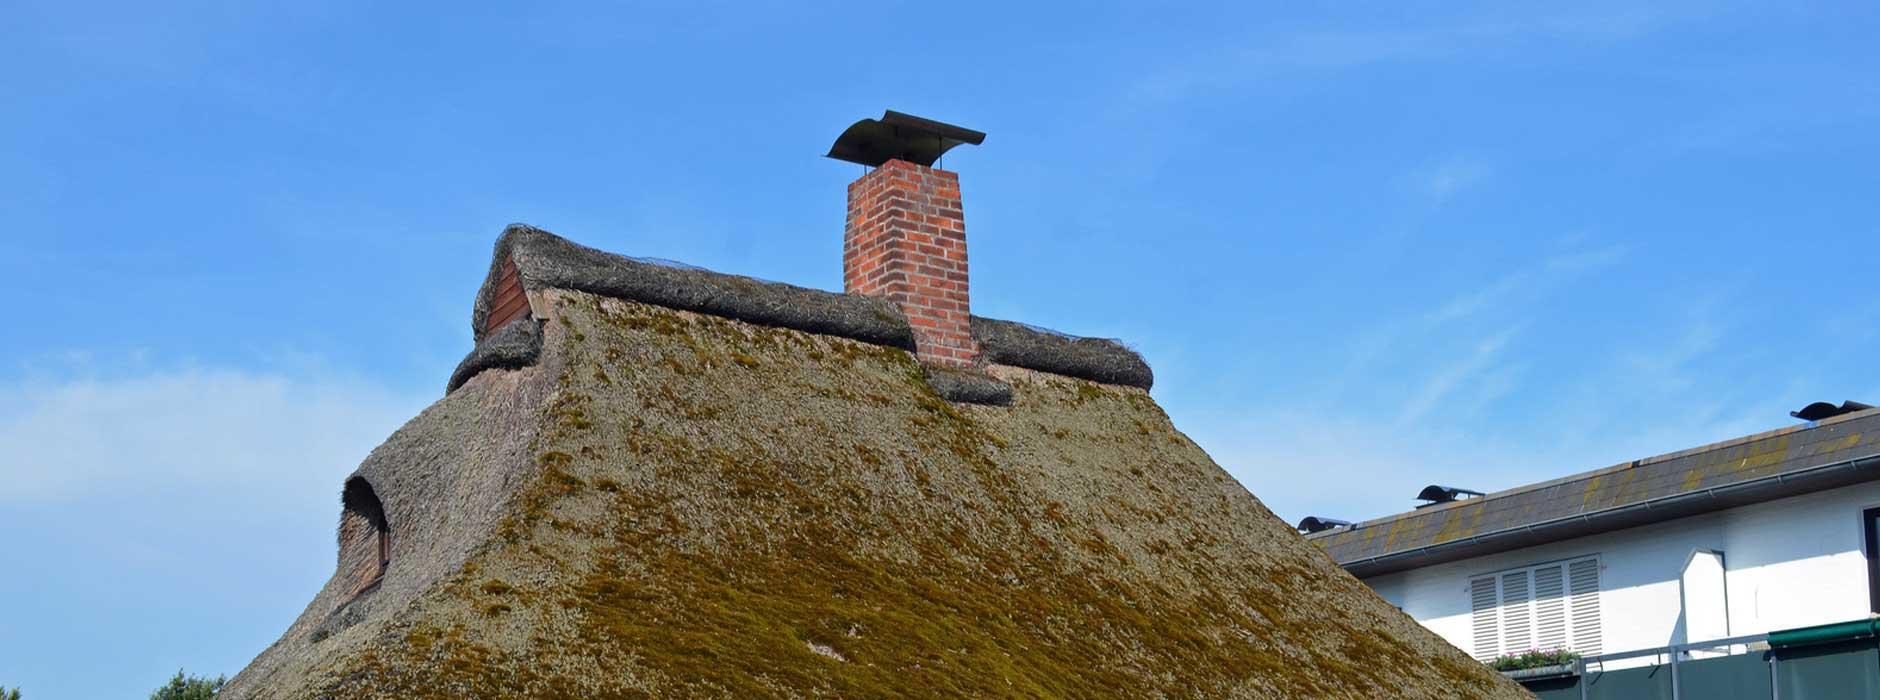 Favorit Richtig bauen und dämmen: So hält ein Reetdach 40 Jahre – Ratgeber VW67